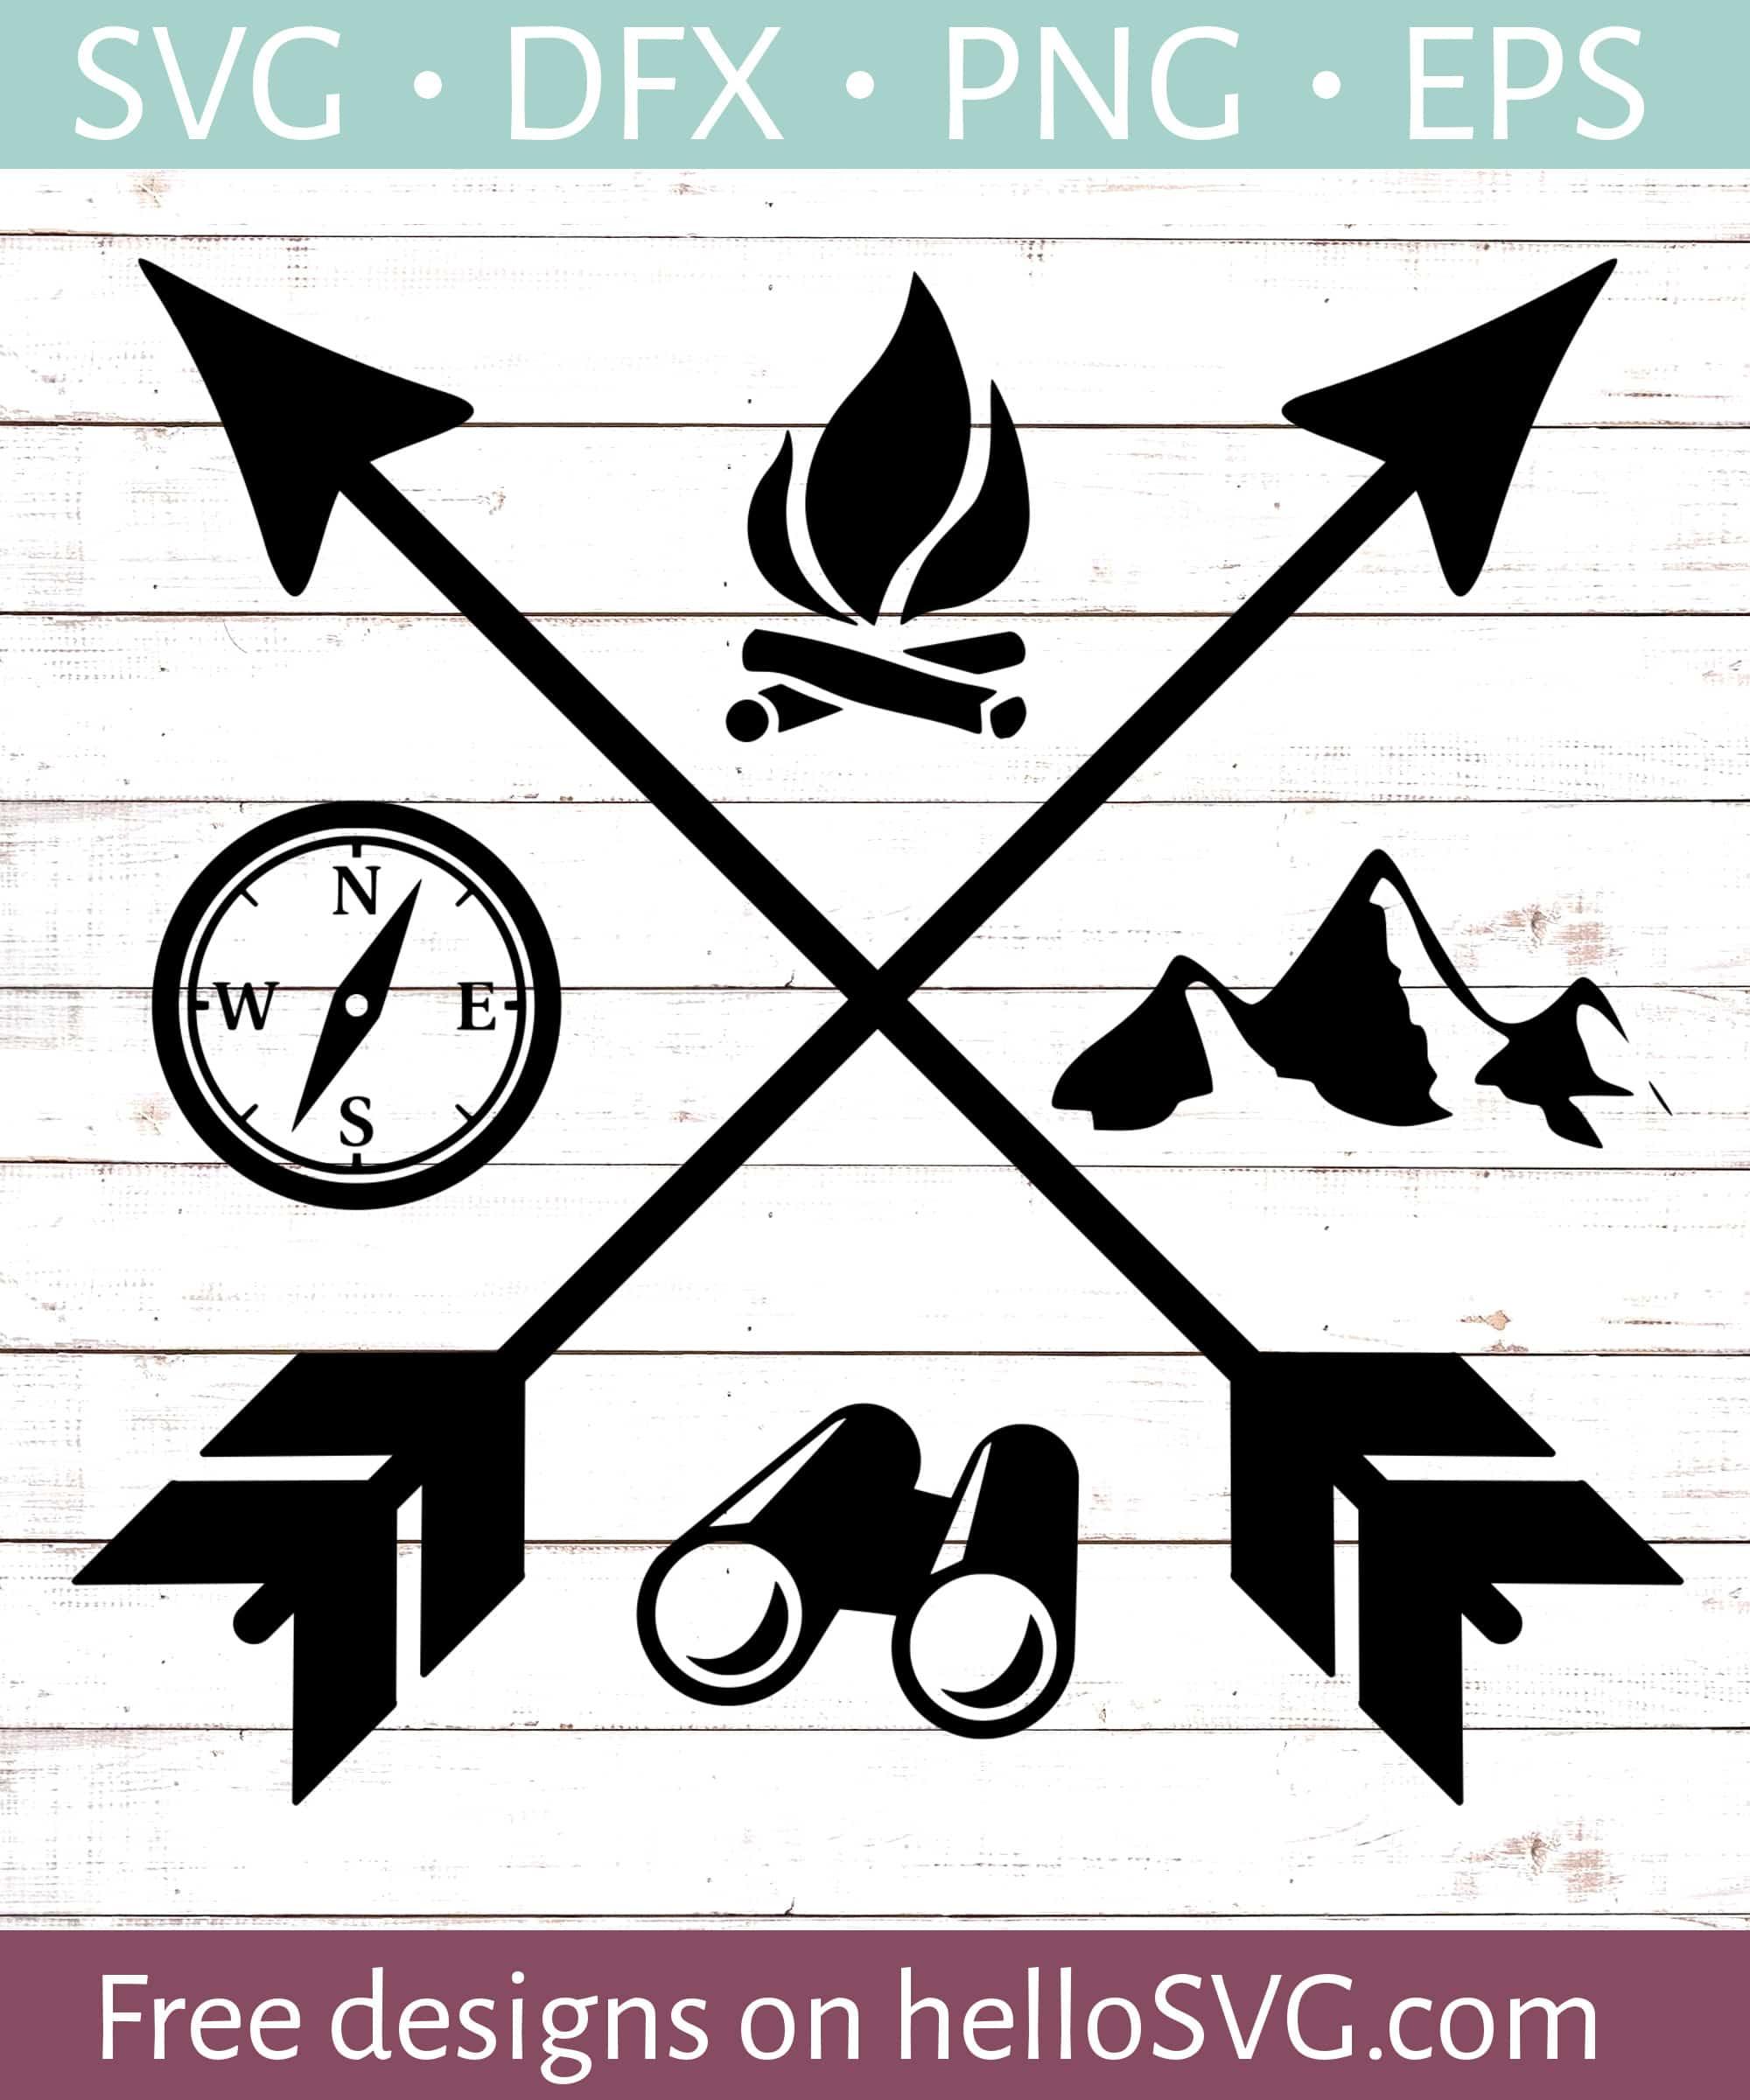 Camping Svg : camping, Camping, Arrows, Files, HelloSVG.com